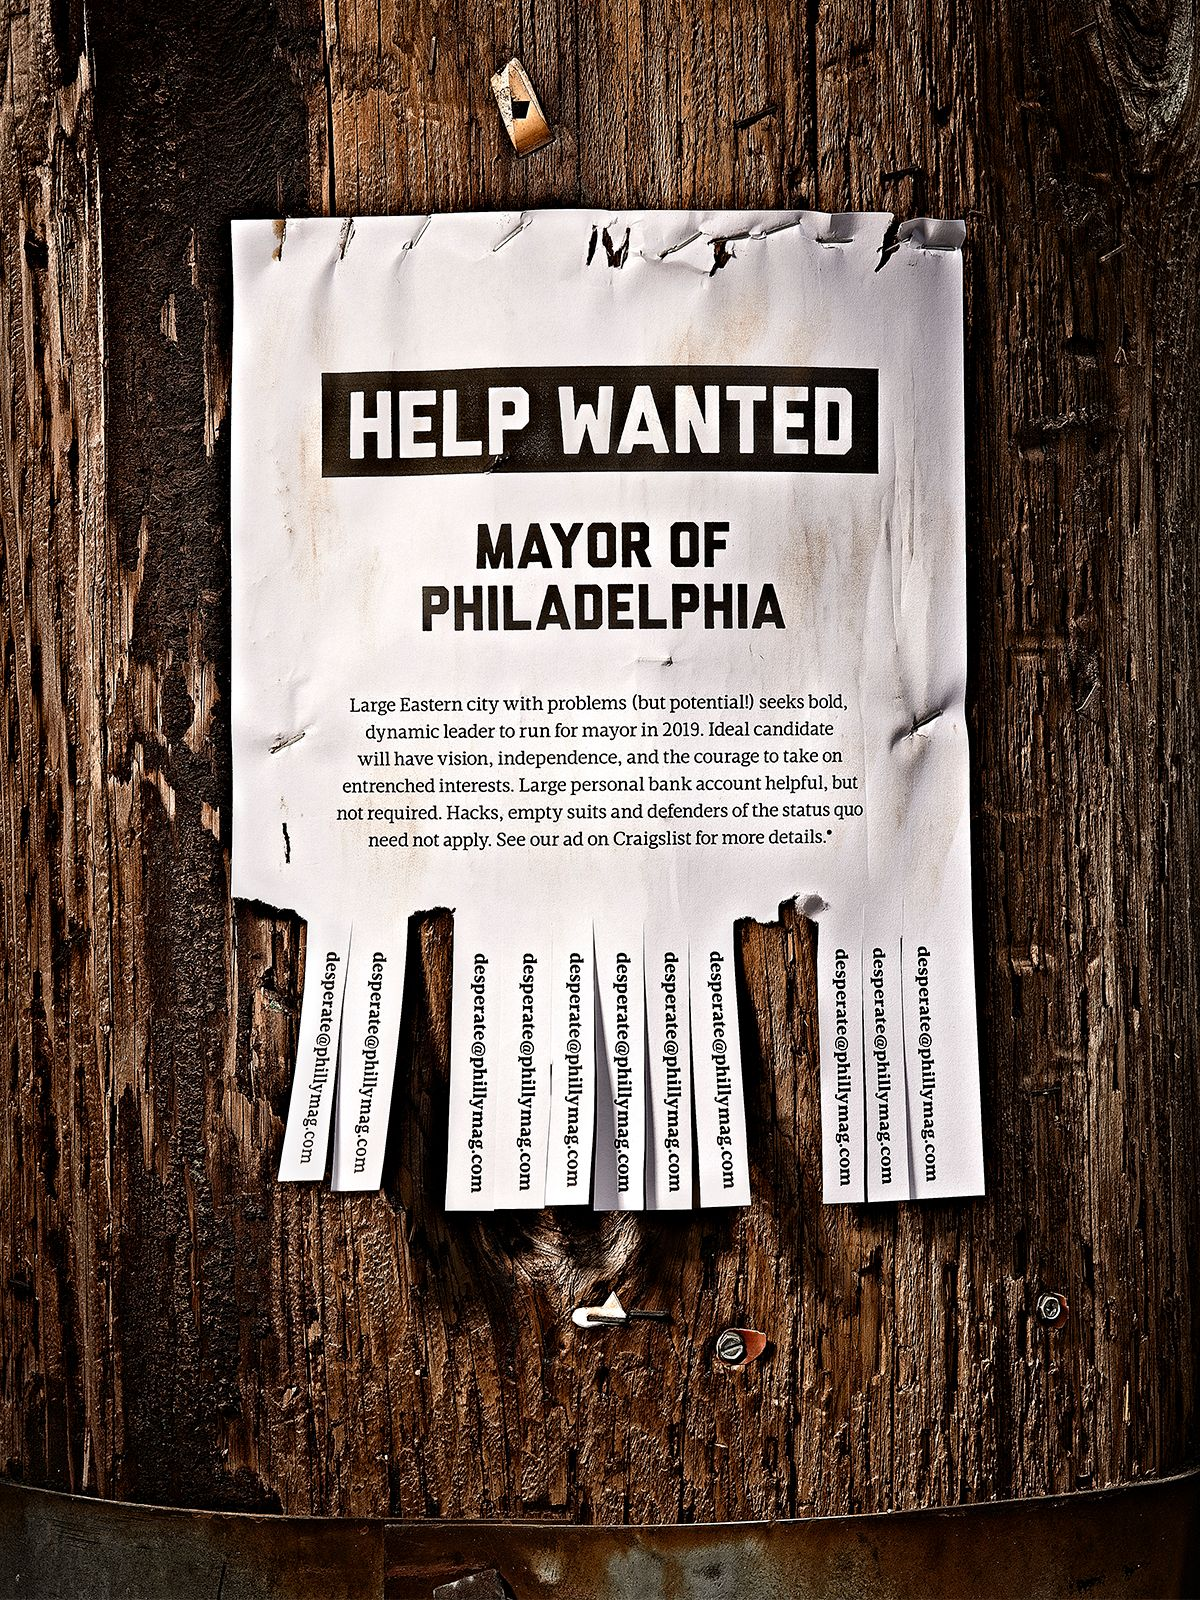 HelpWantedPhillyMayor_Workbook.jpg